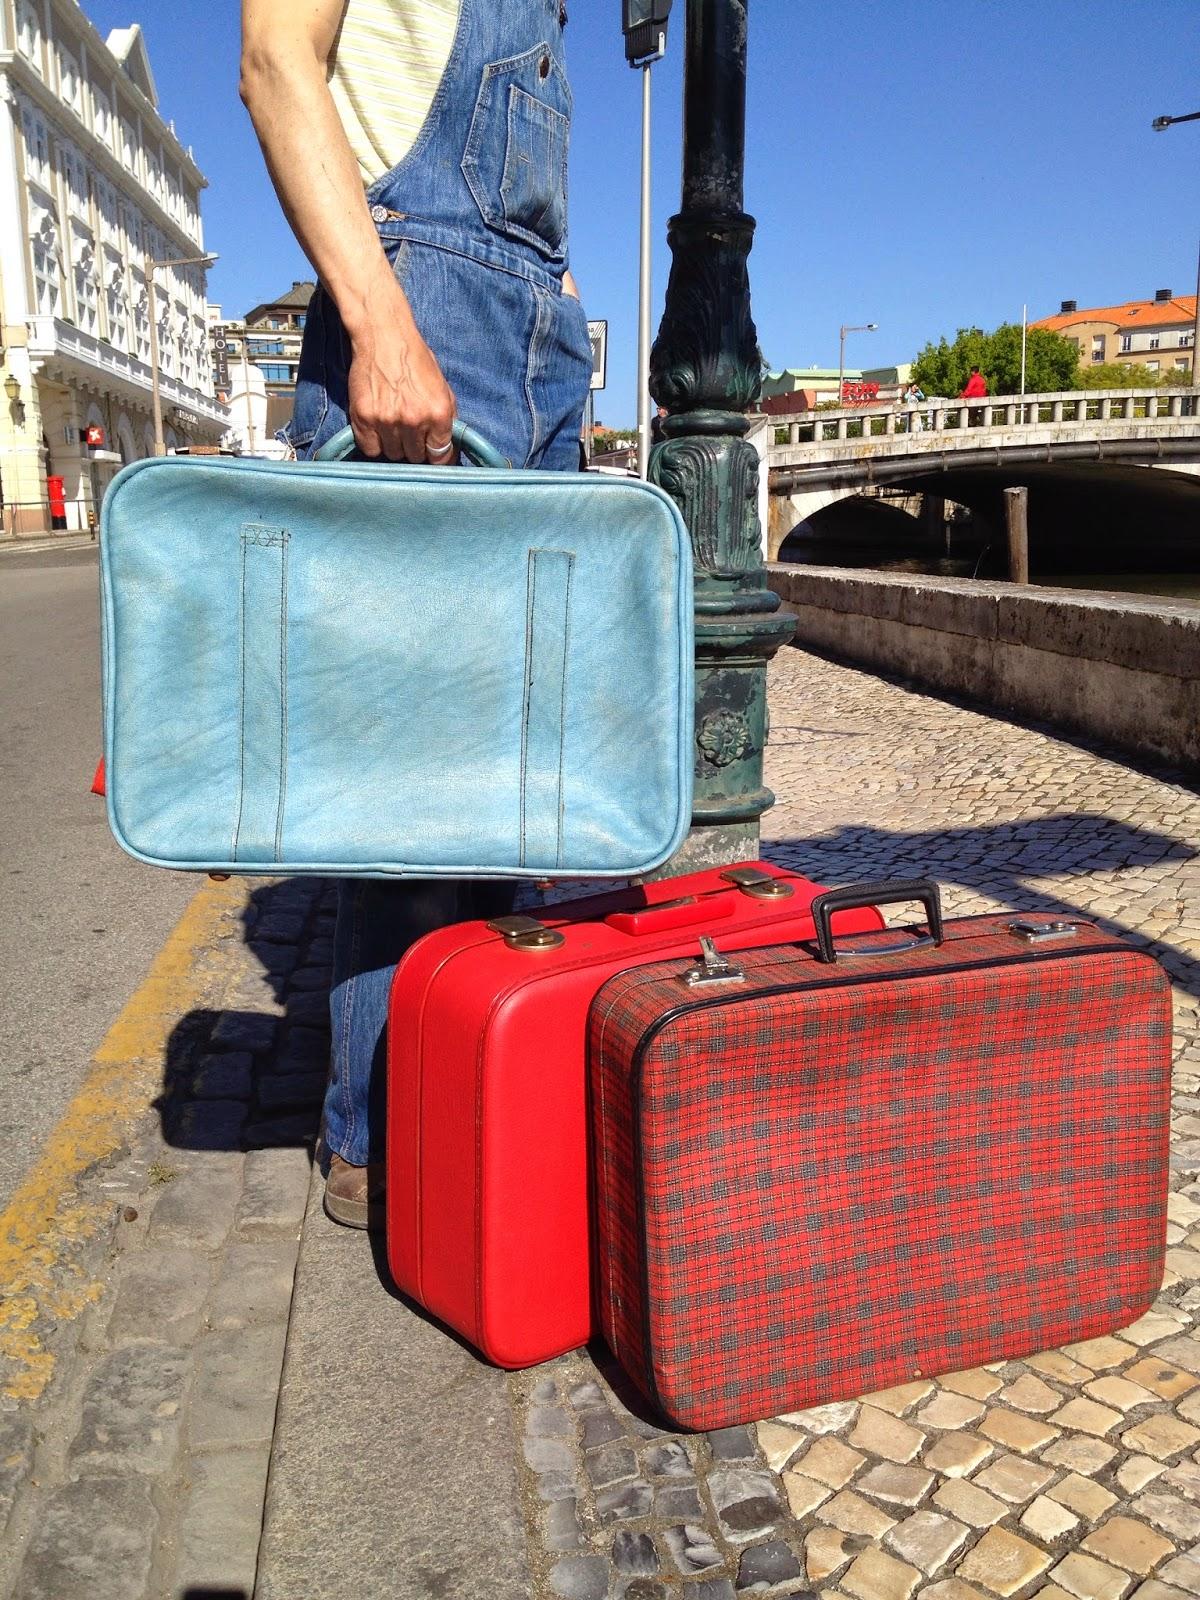 malas vintage, turista vintage, viajar com vintage